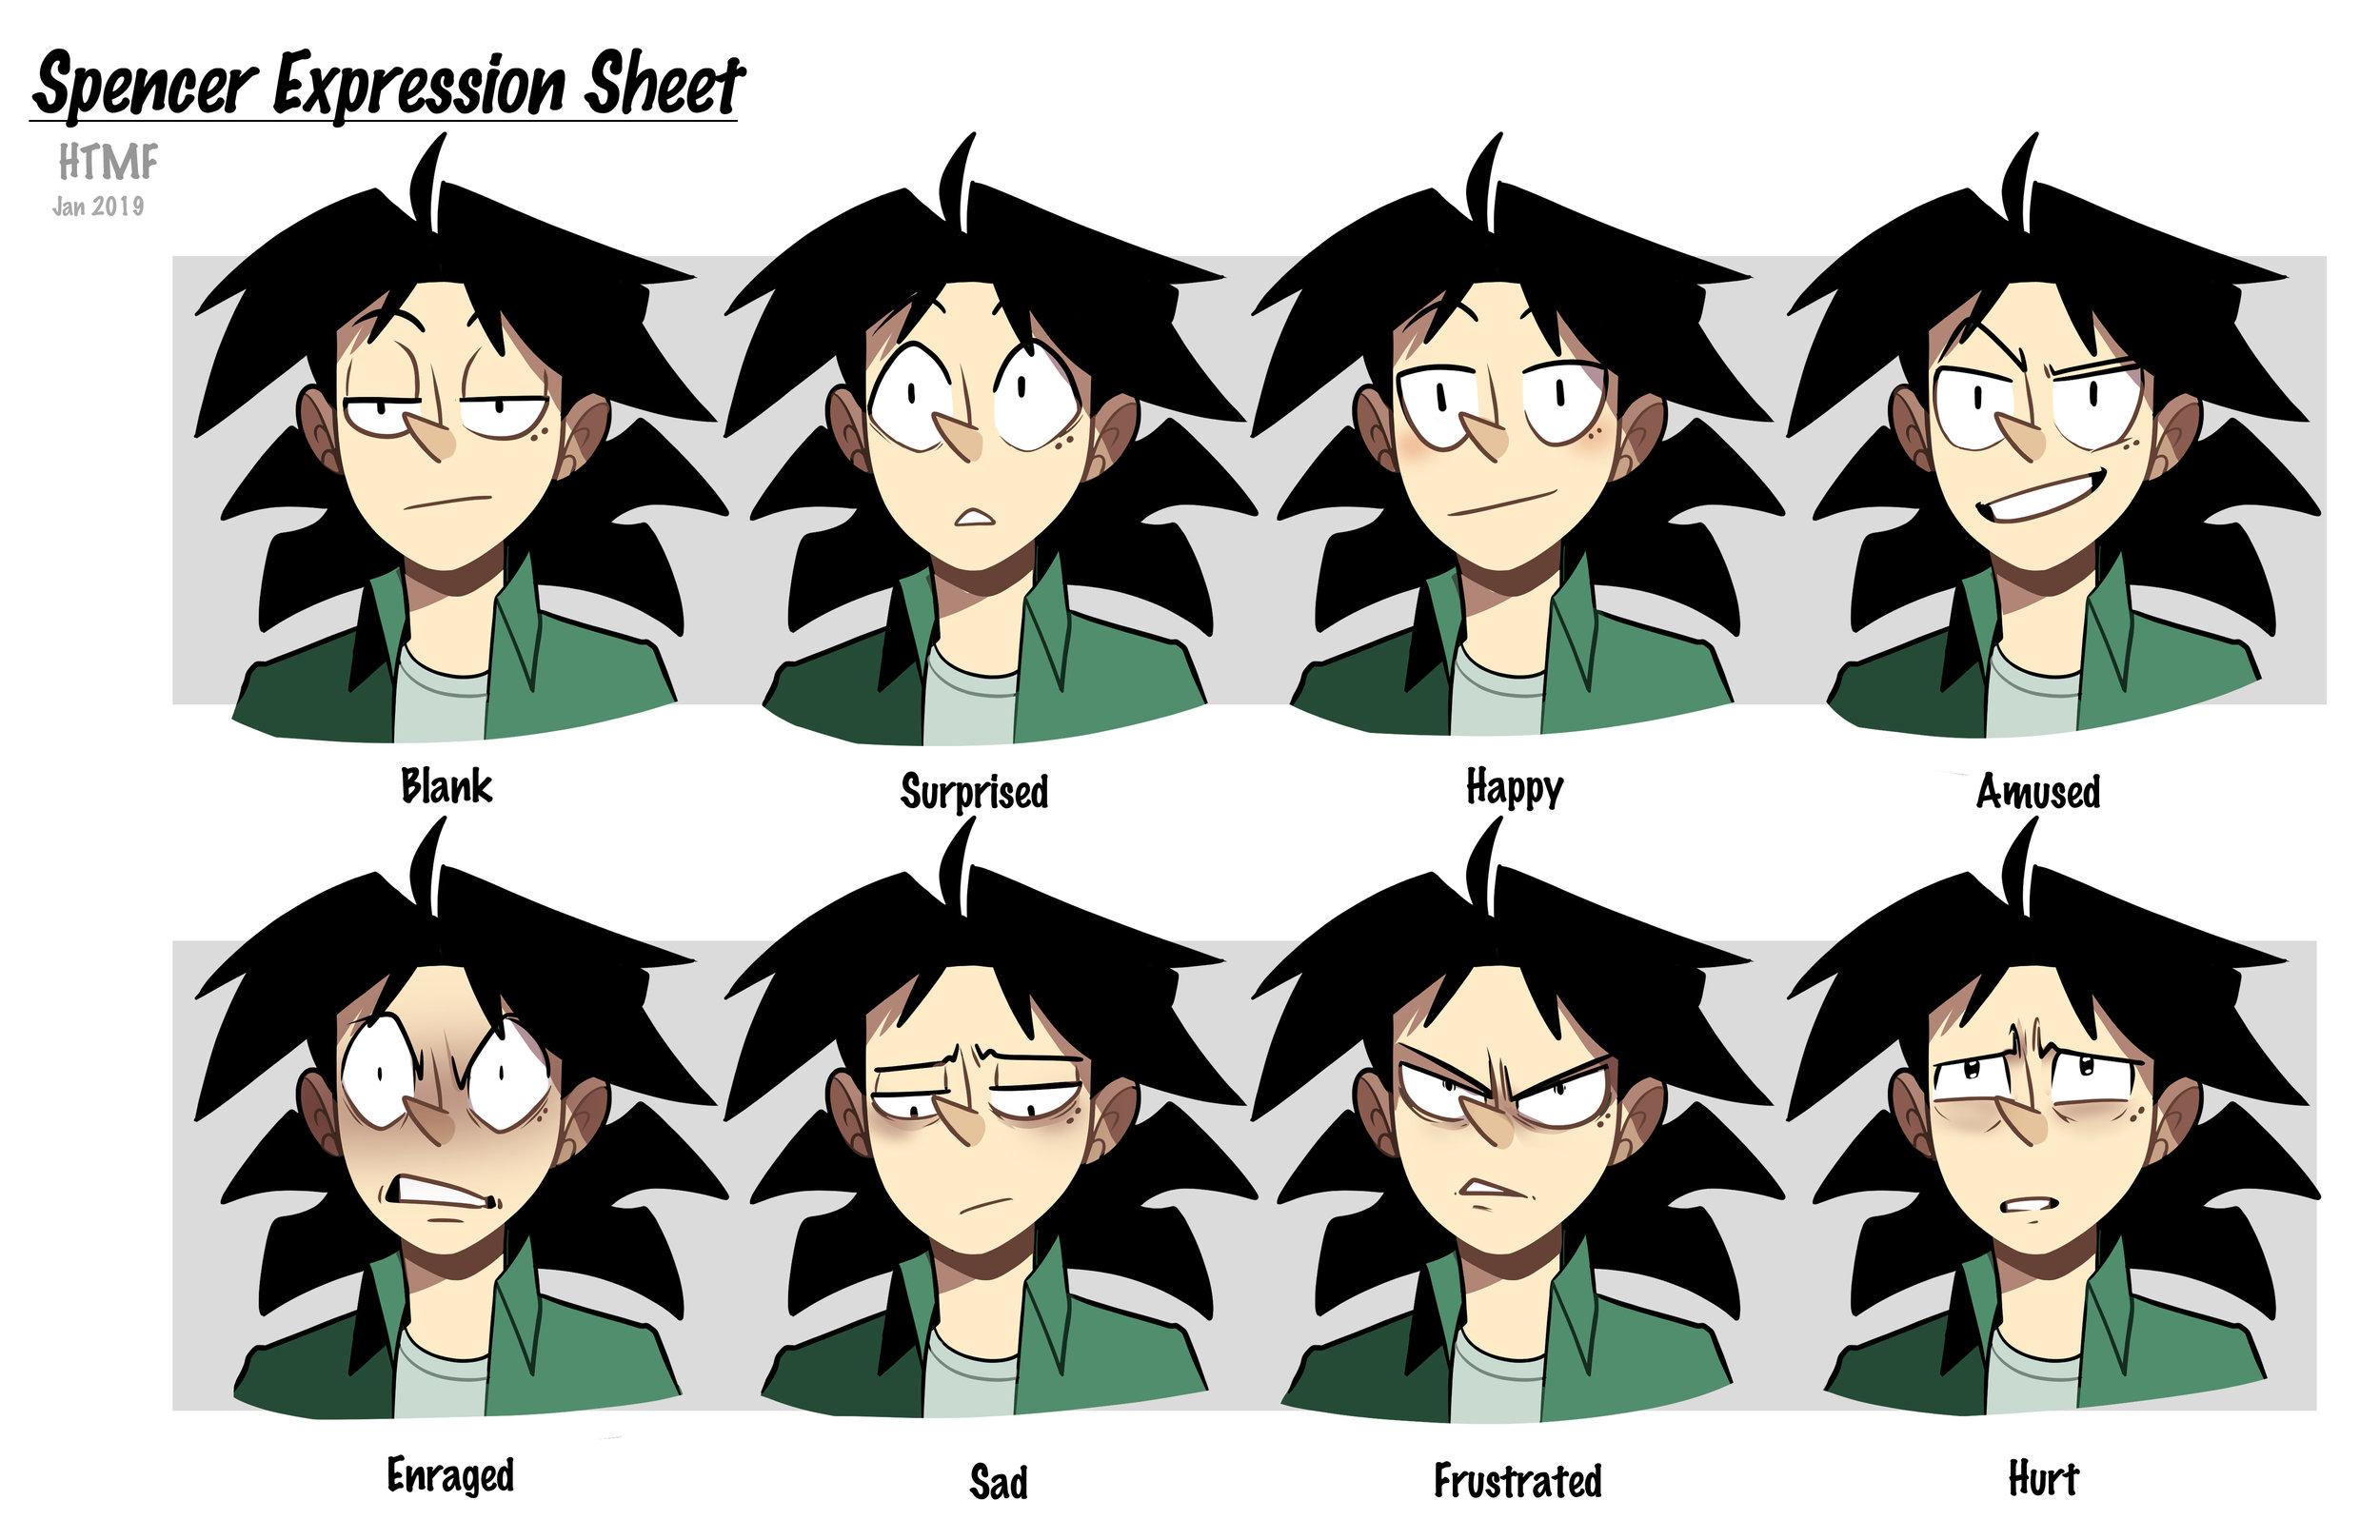 Spencer Expression Sheet